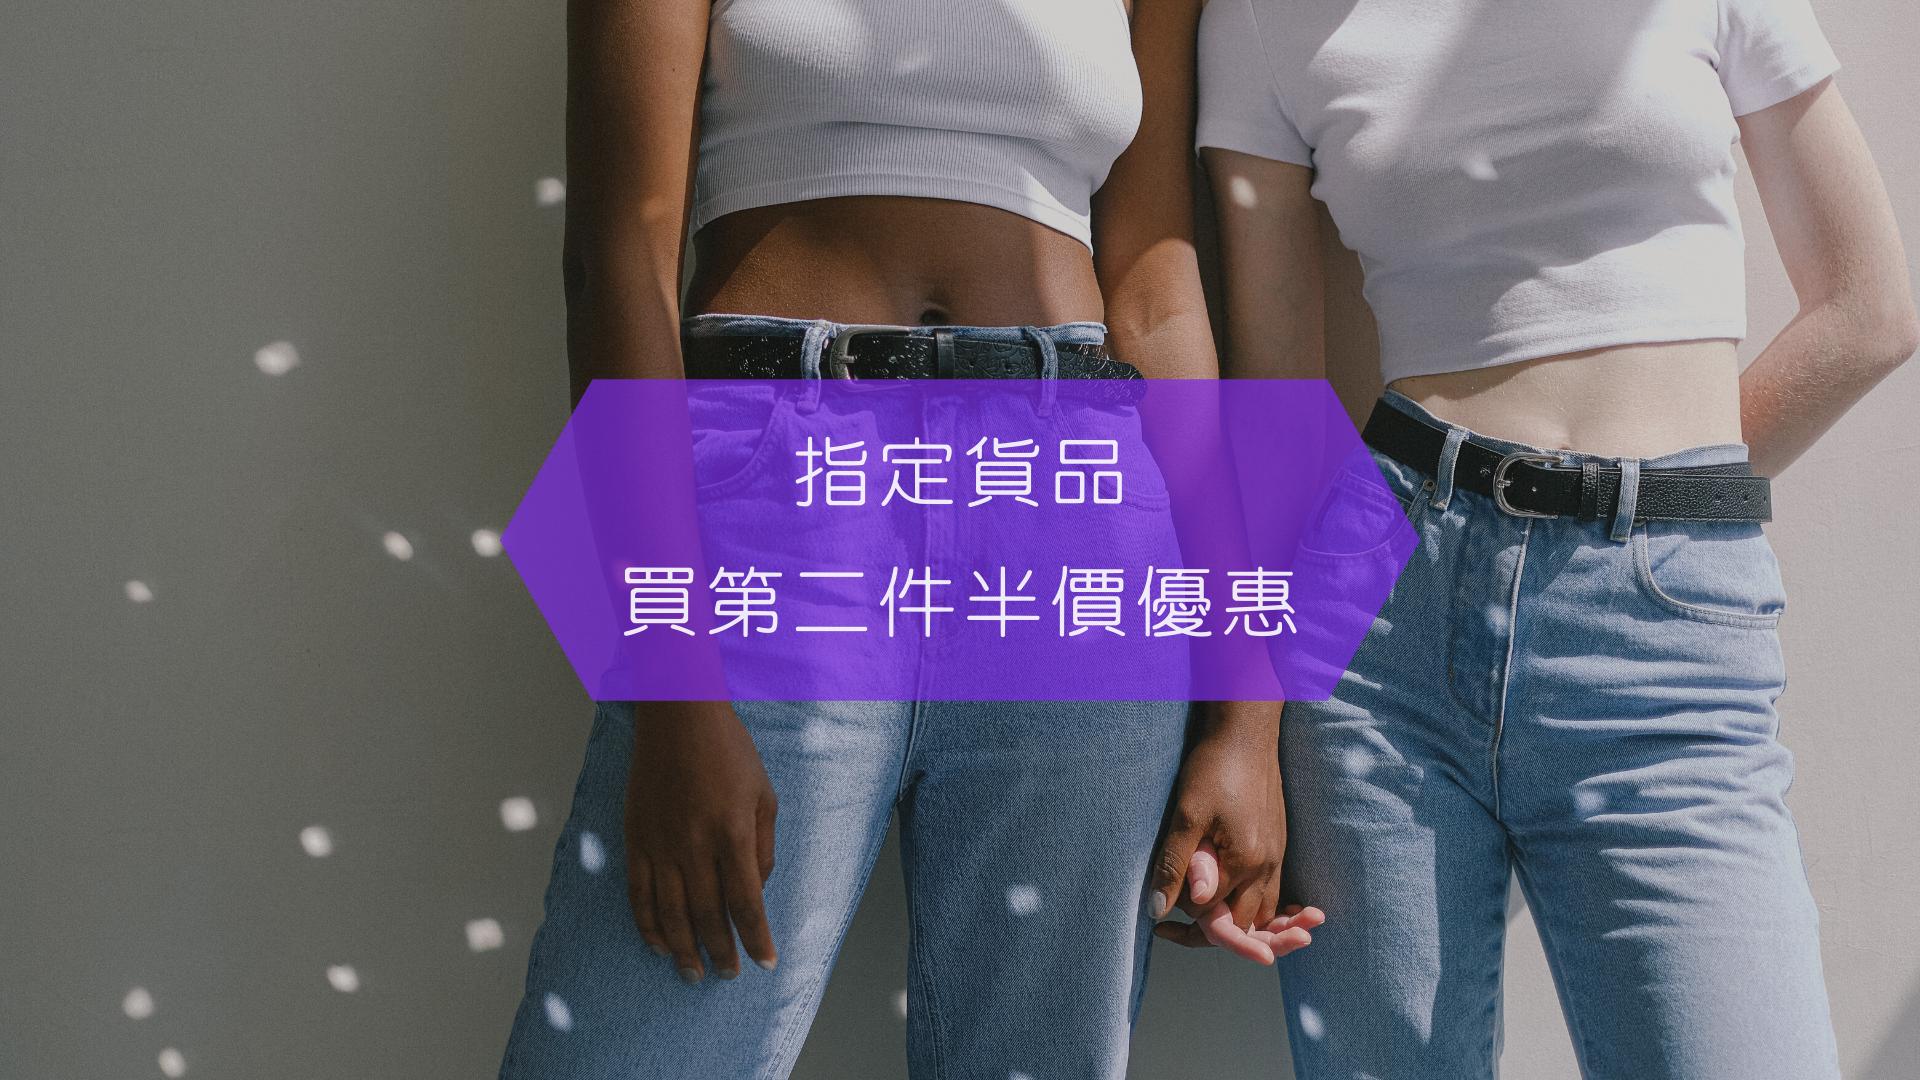 香港免運費,Aiyo0o.com,優惠,折扣